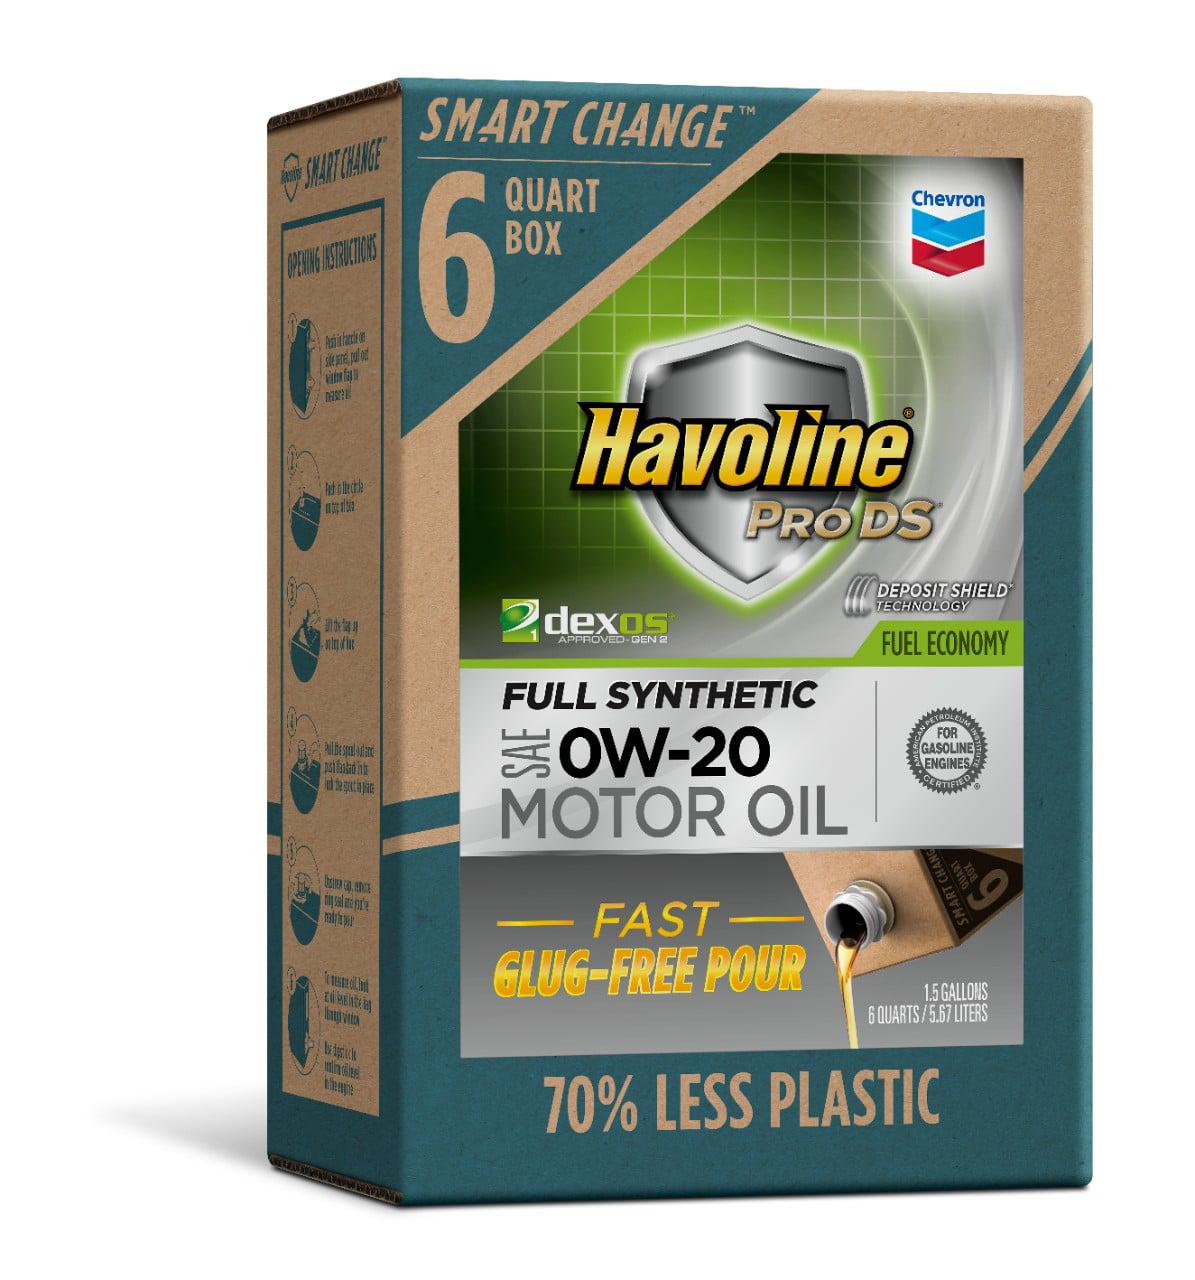 Havoline SMART CHANGE® ProDS 0W-20 Full Synthetic Motor Oil, 6 qt.